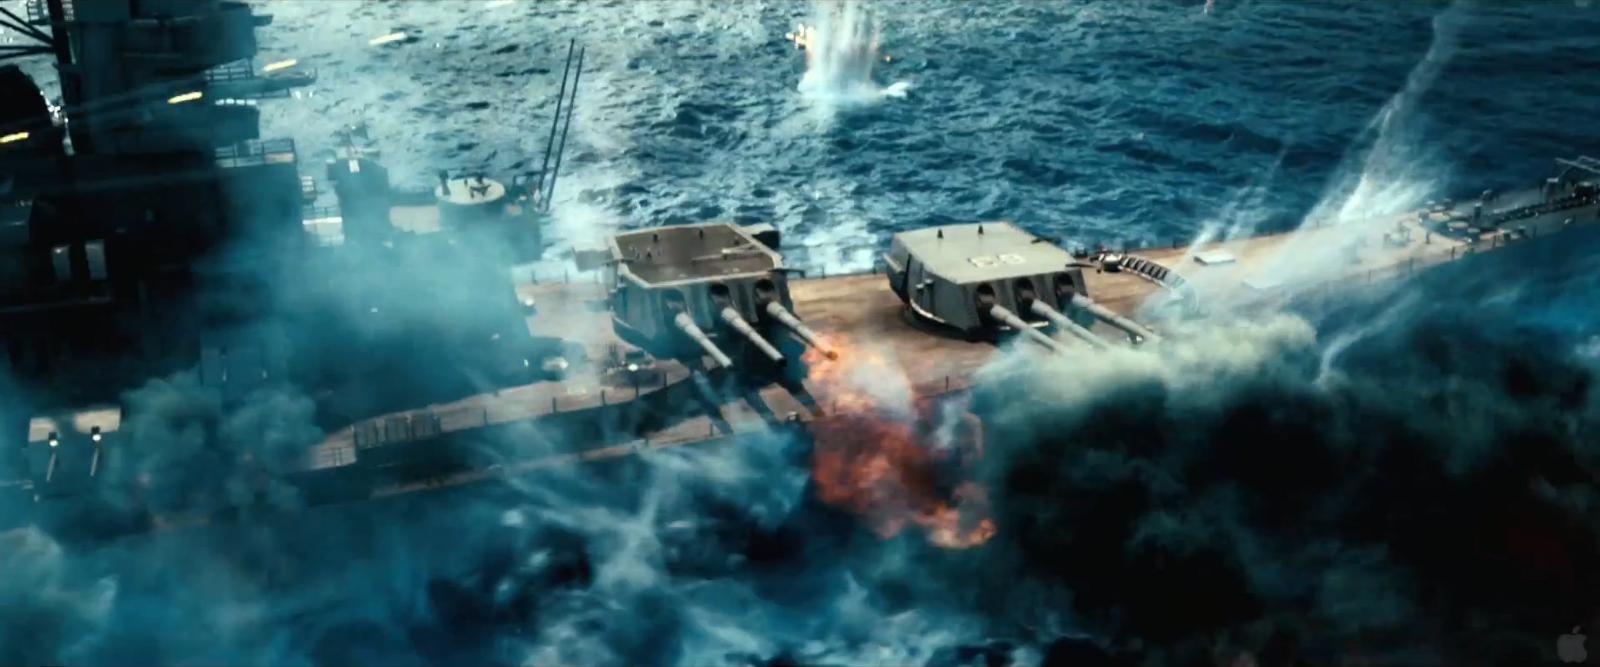 Uss Missouri Battleship Movie